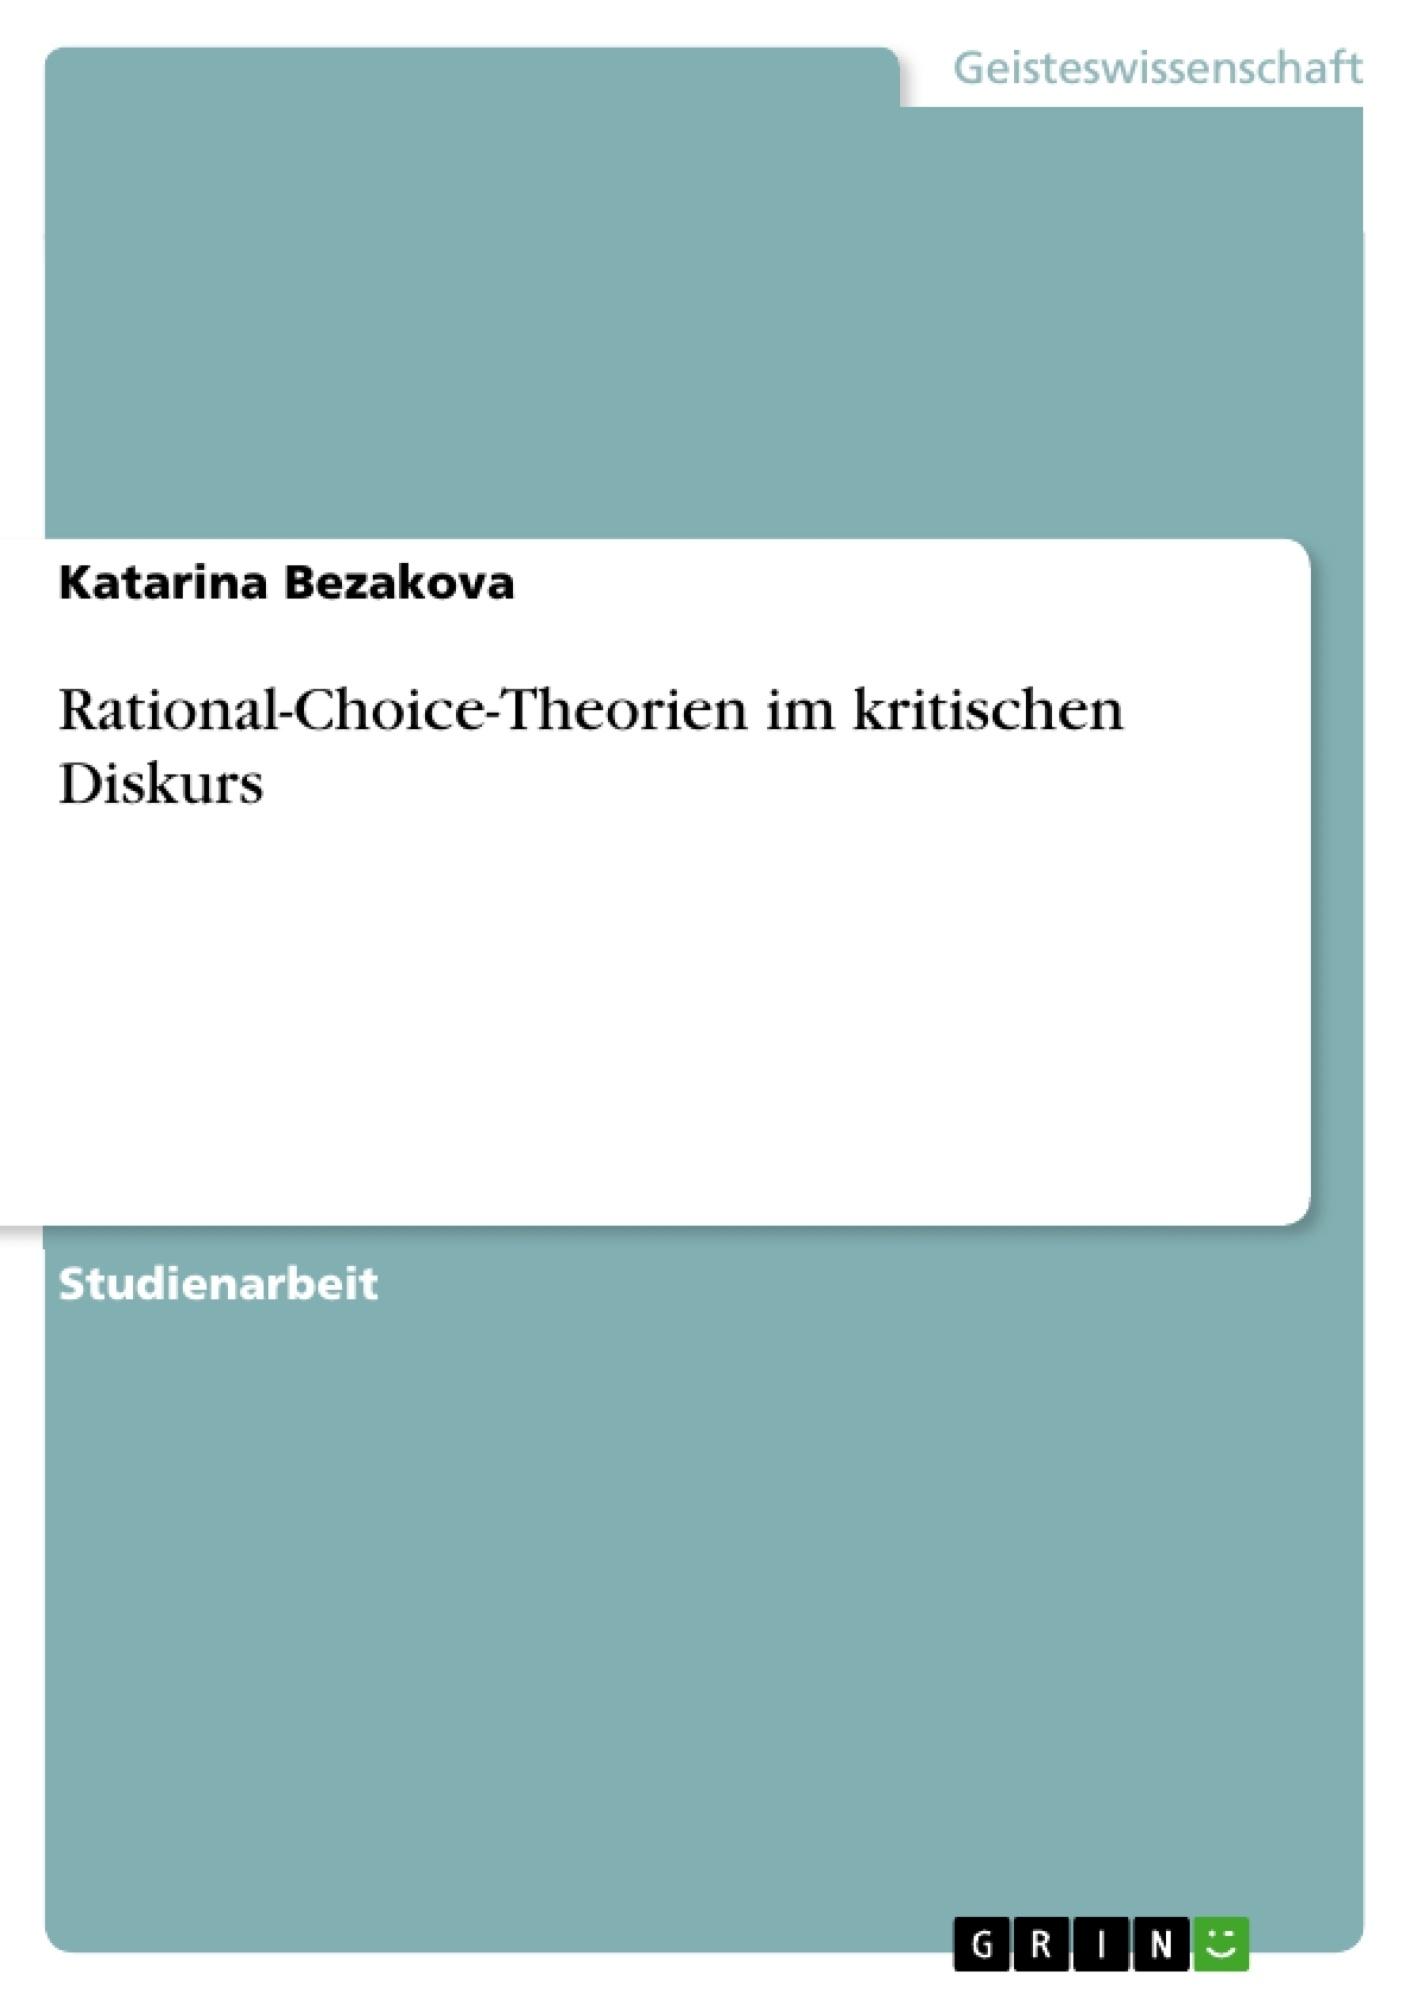 Titel: Rational-Choice-Theorien im kritischen Diskurs